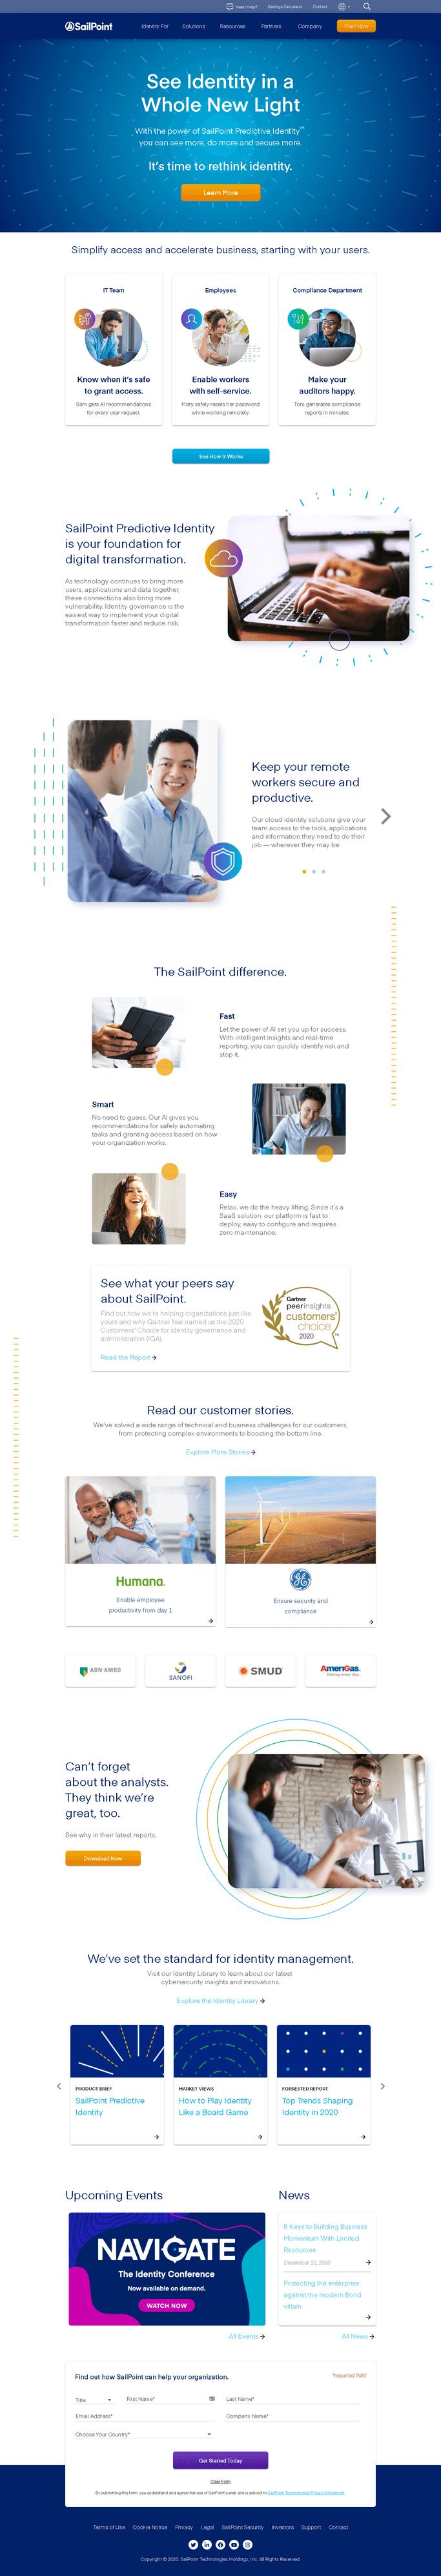 SailPoint Technologies Holdings, Inc. Website Screenshot